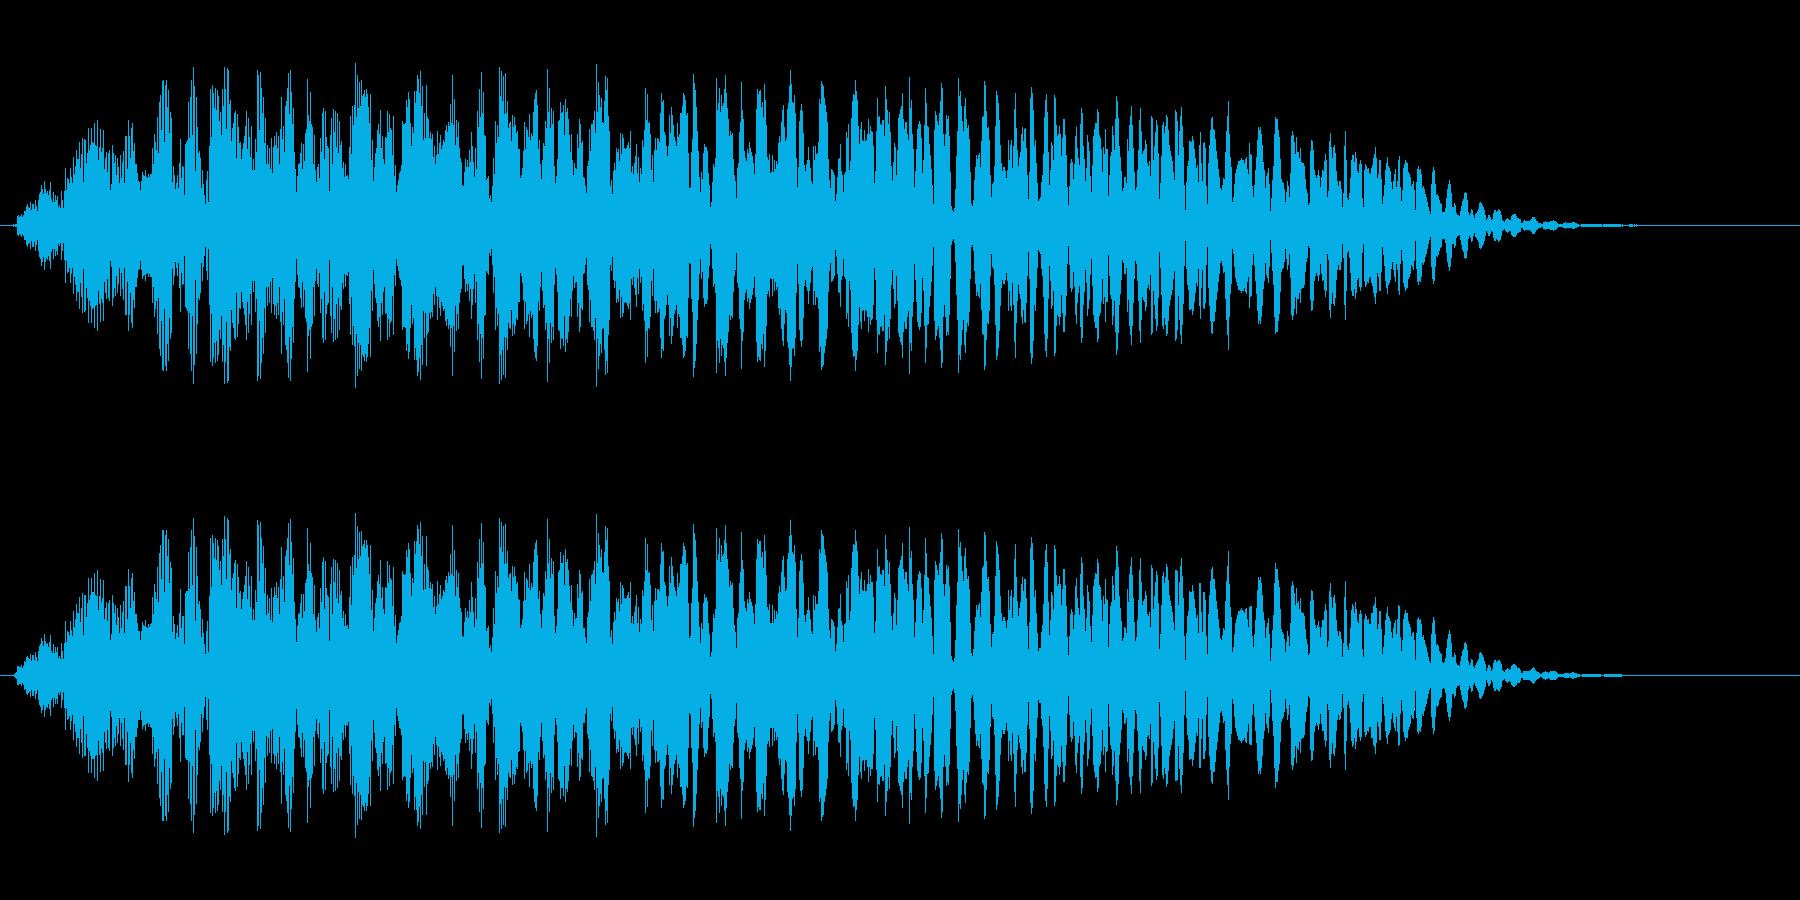 ギュルルル(巻き上げるような音)の再生済みの波形